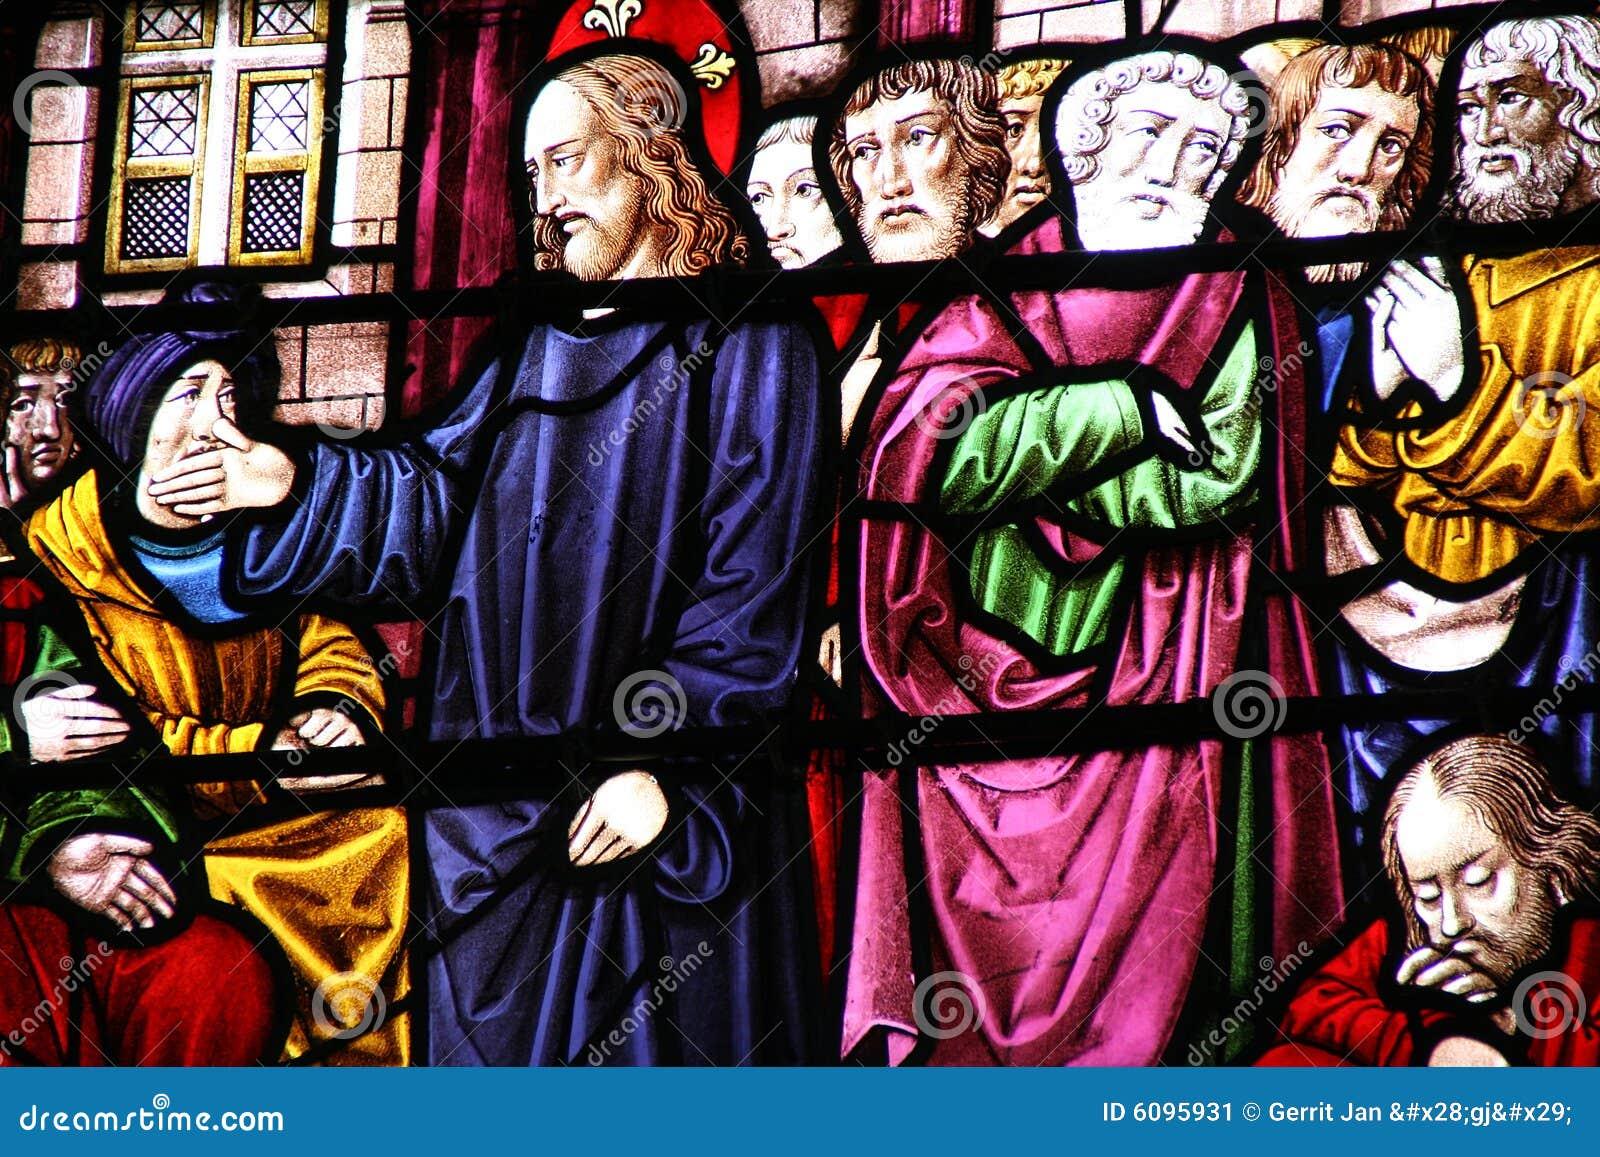 Jesucristo y sus discípulos